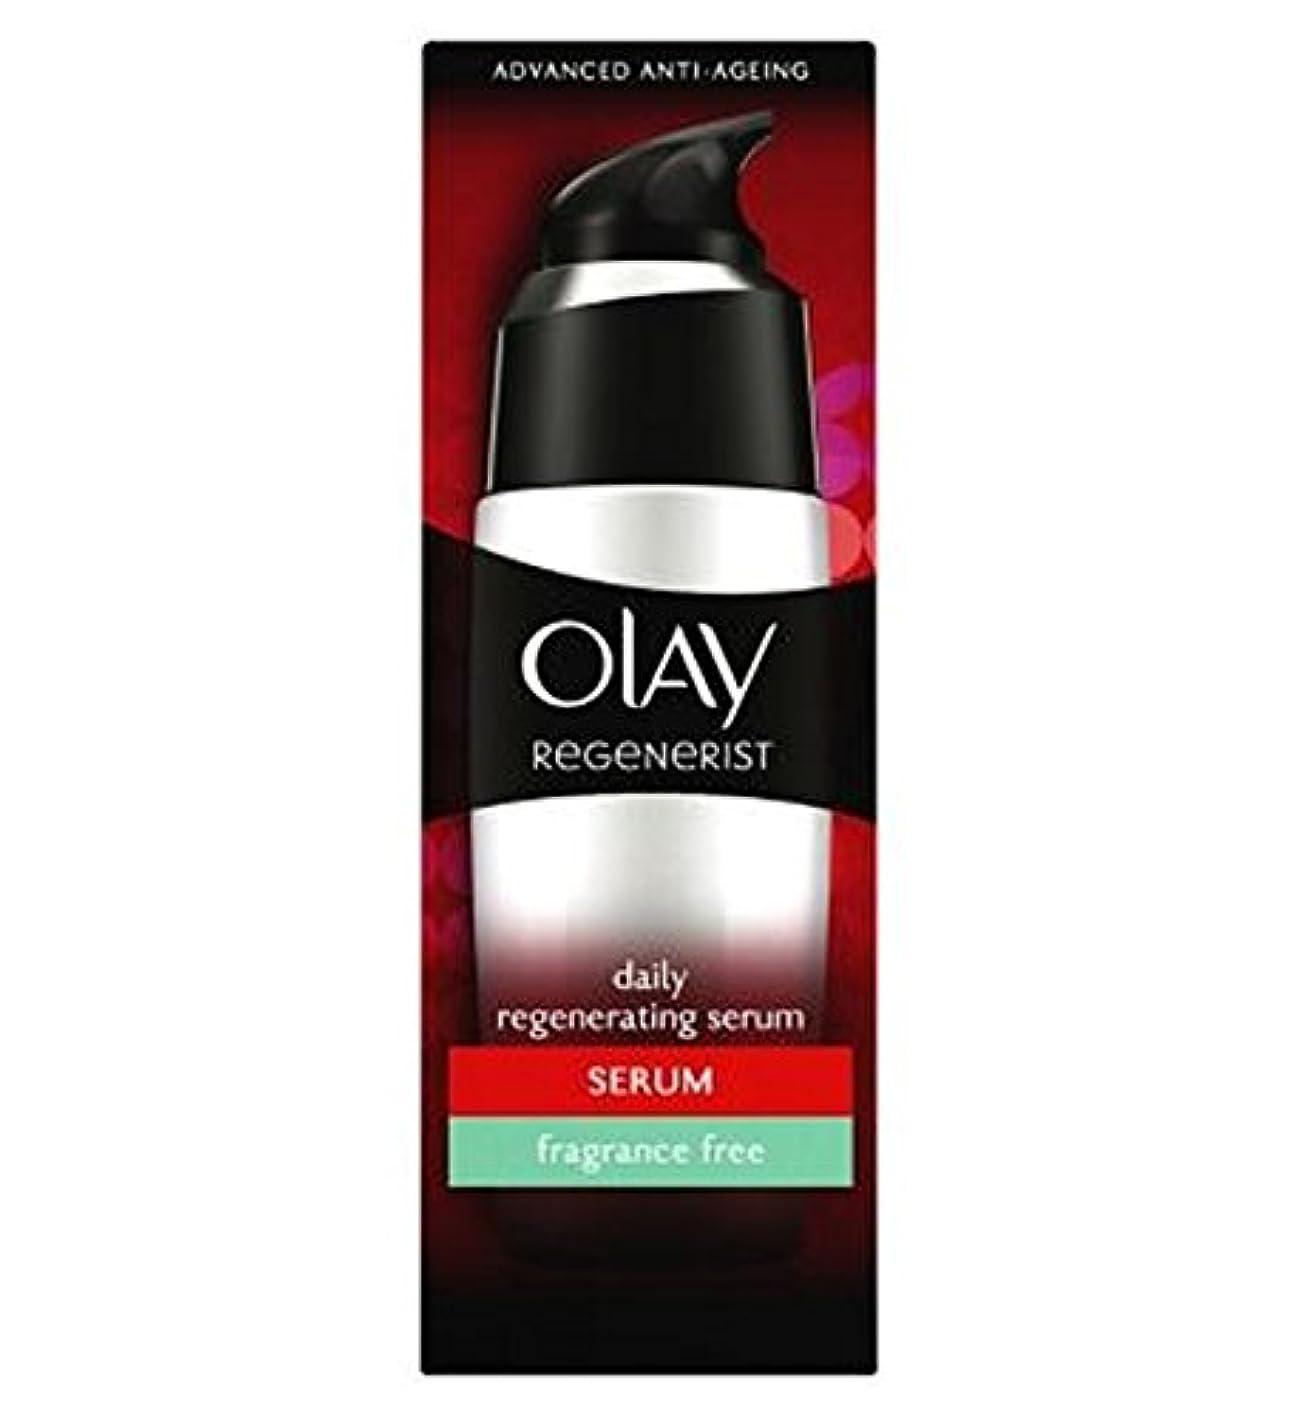 プロポーショナルシニスめまいオーレイリジェネ再生血清無香料50ミリリットル (Olay) (x2) - Olay Regenerist Regenerating Serum Fragrance Free 50ml (Pack of 2) [並行輸入品]